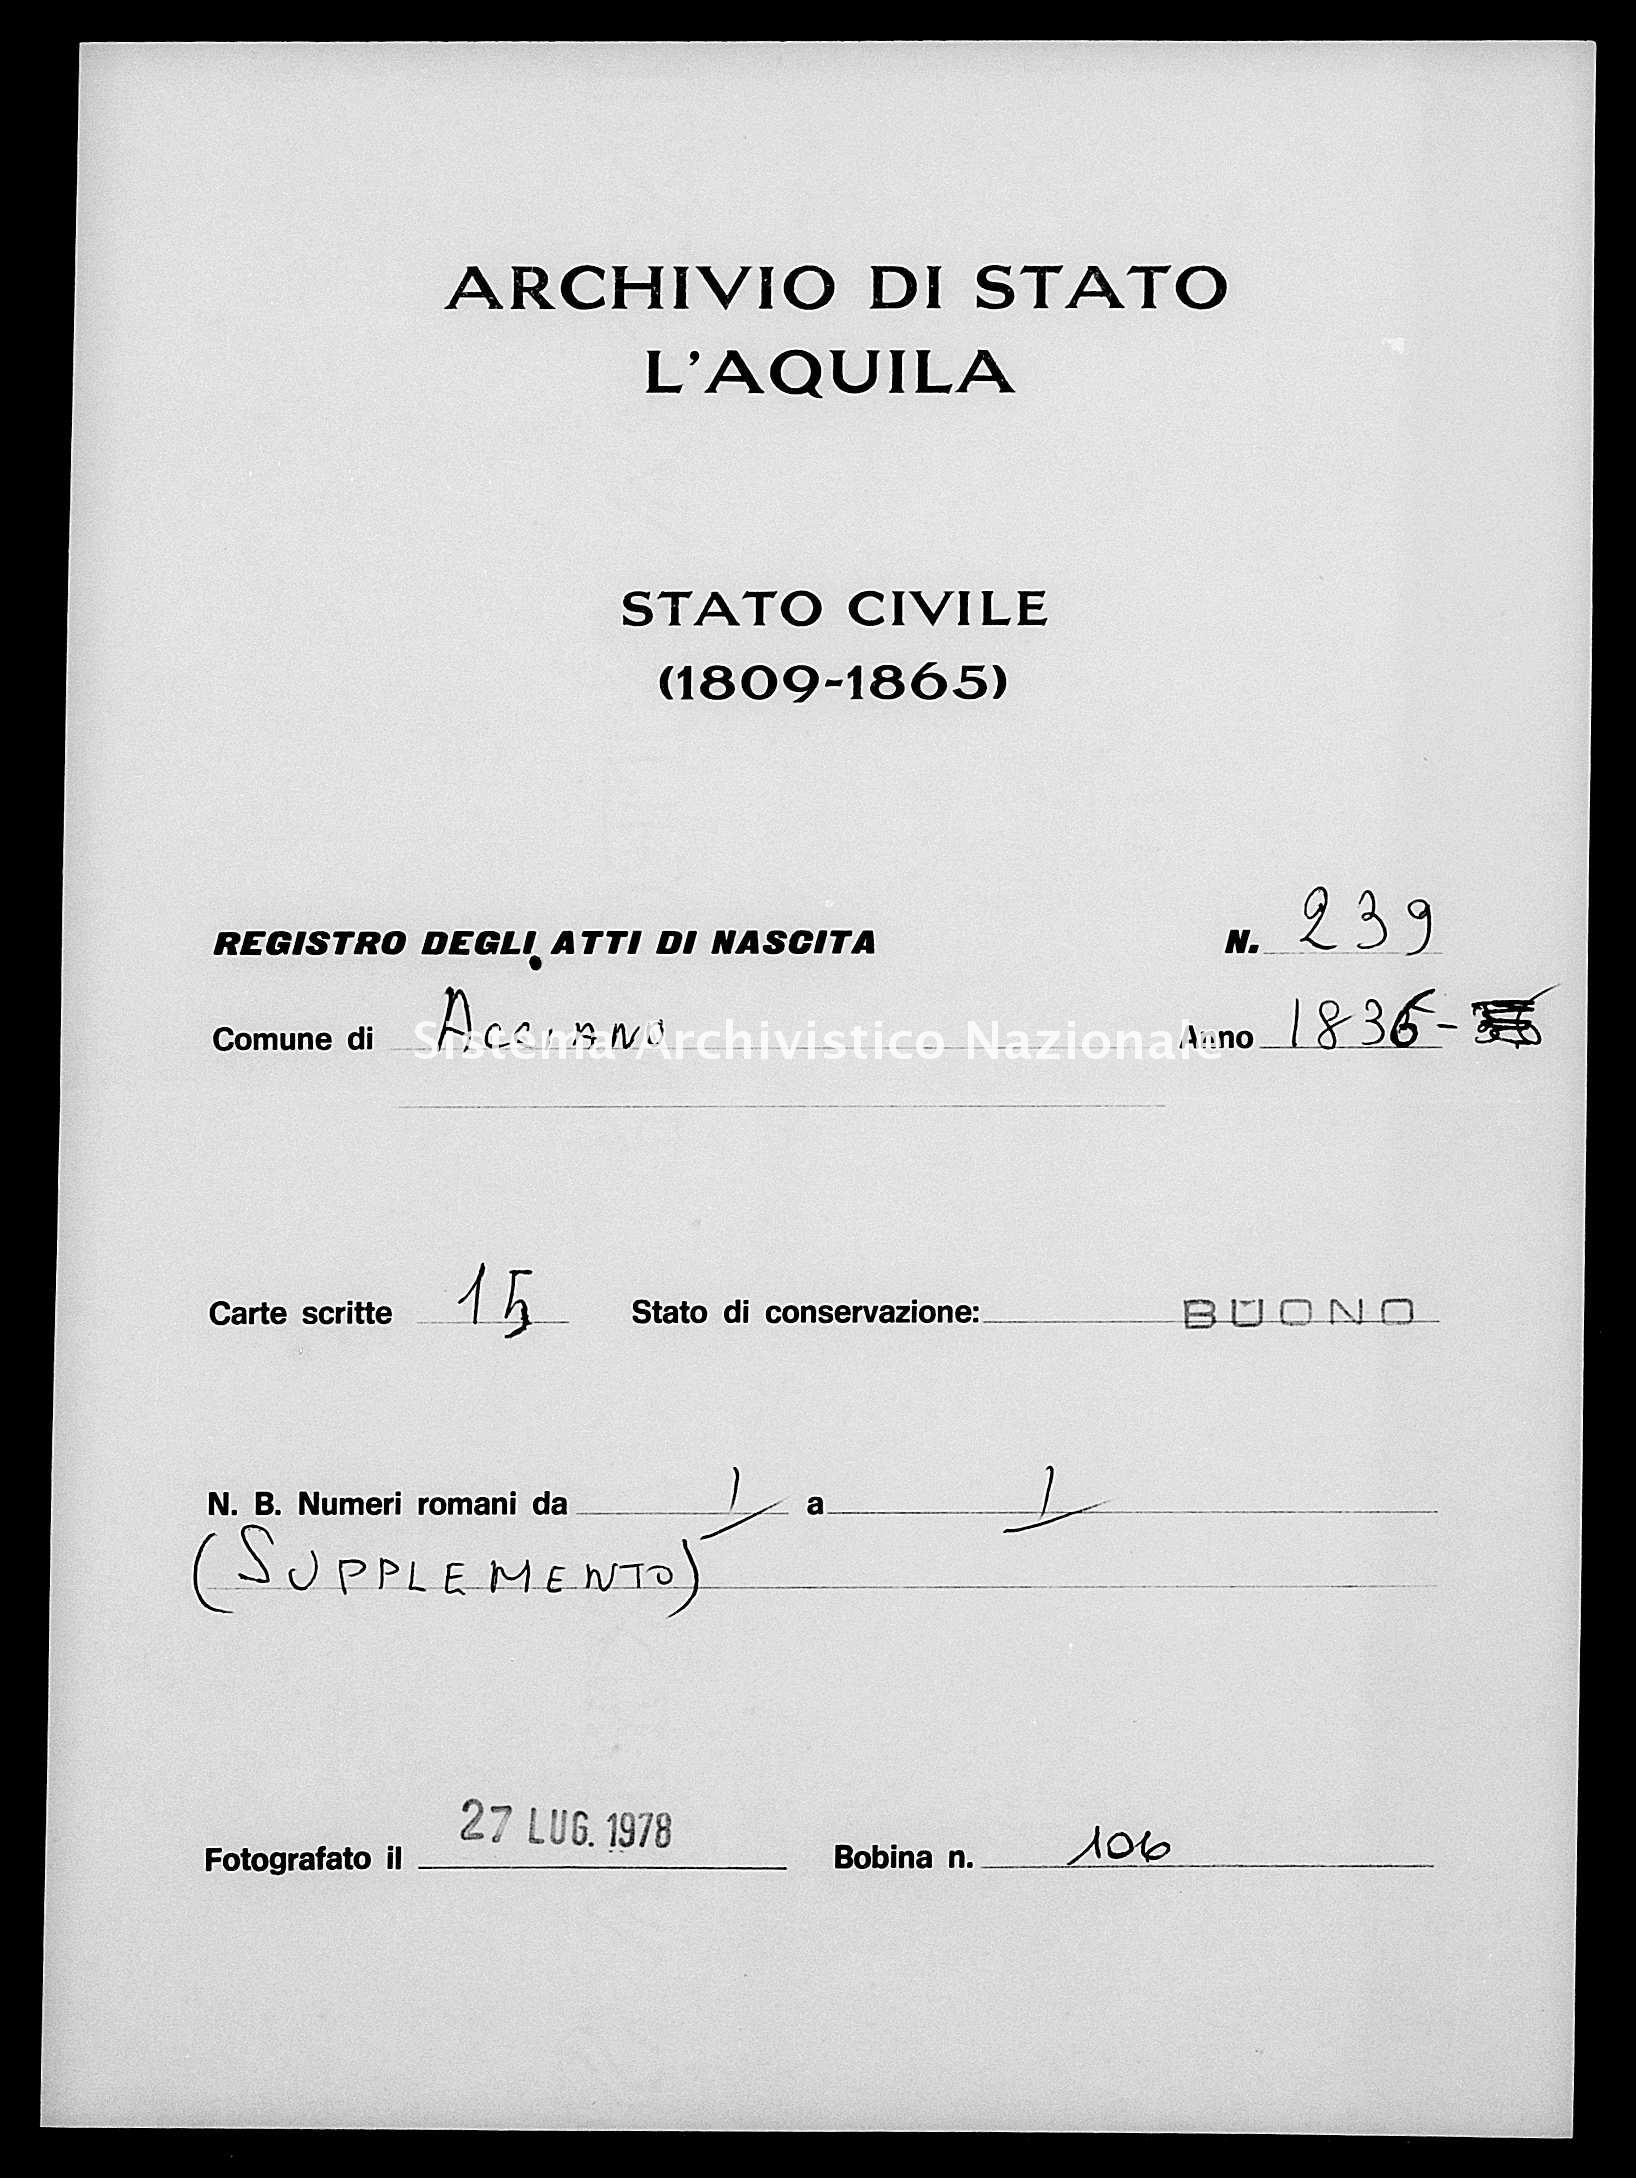 Archivio di stato di L'aquila - Stato civile della restaurazione - Acciano - Nati - 1836 - 239 -